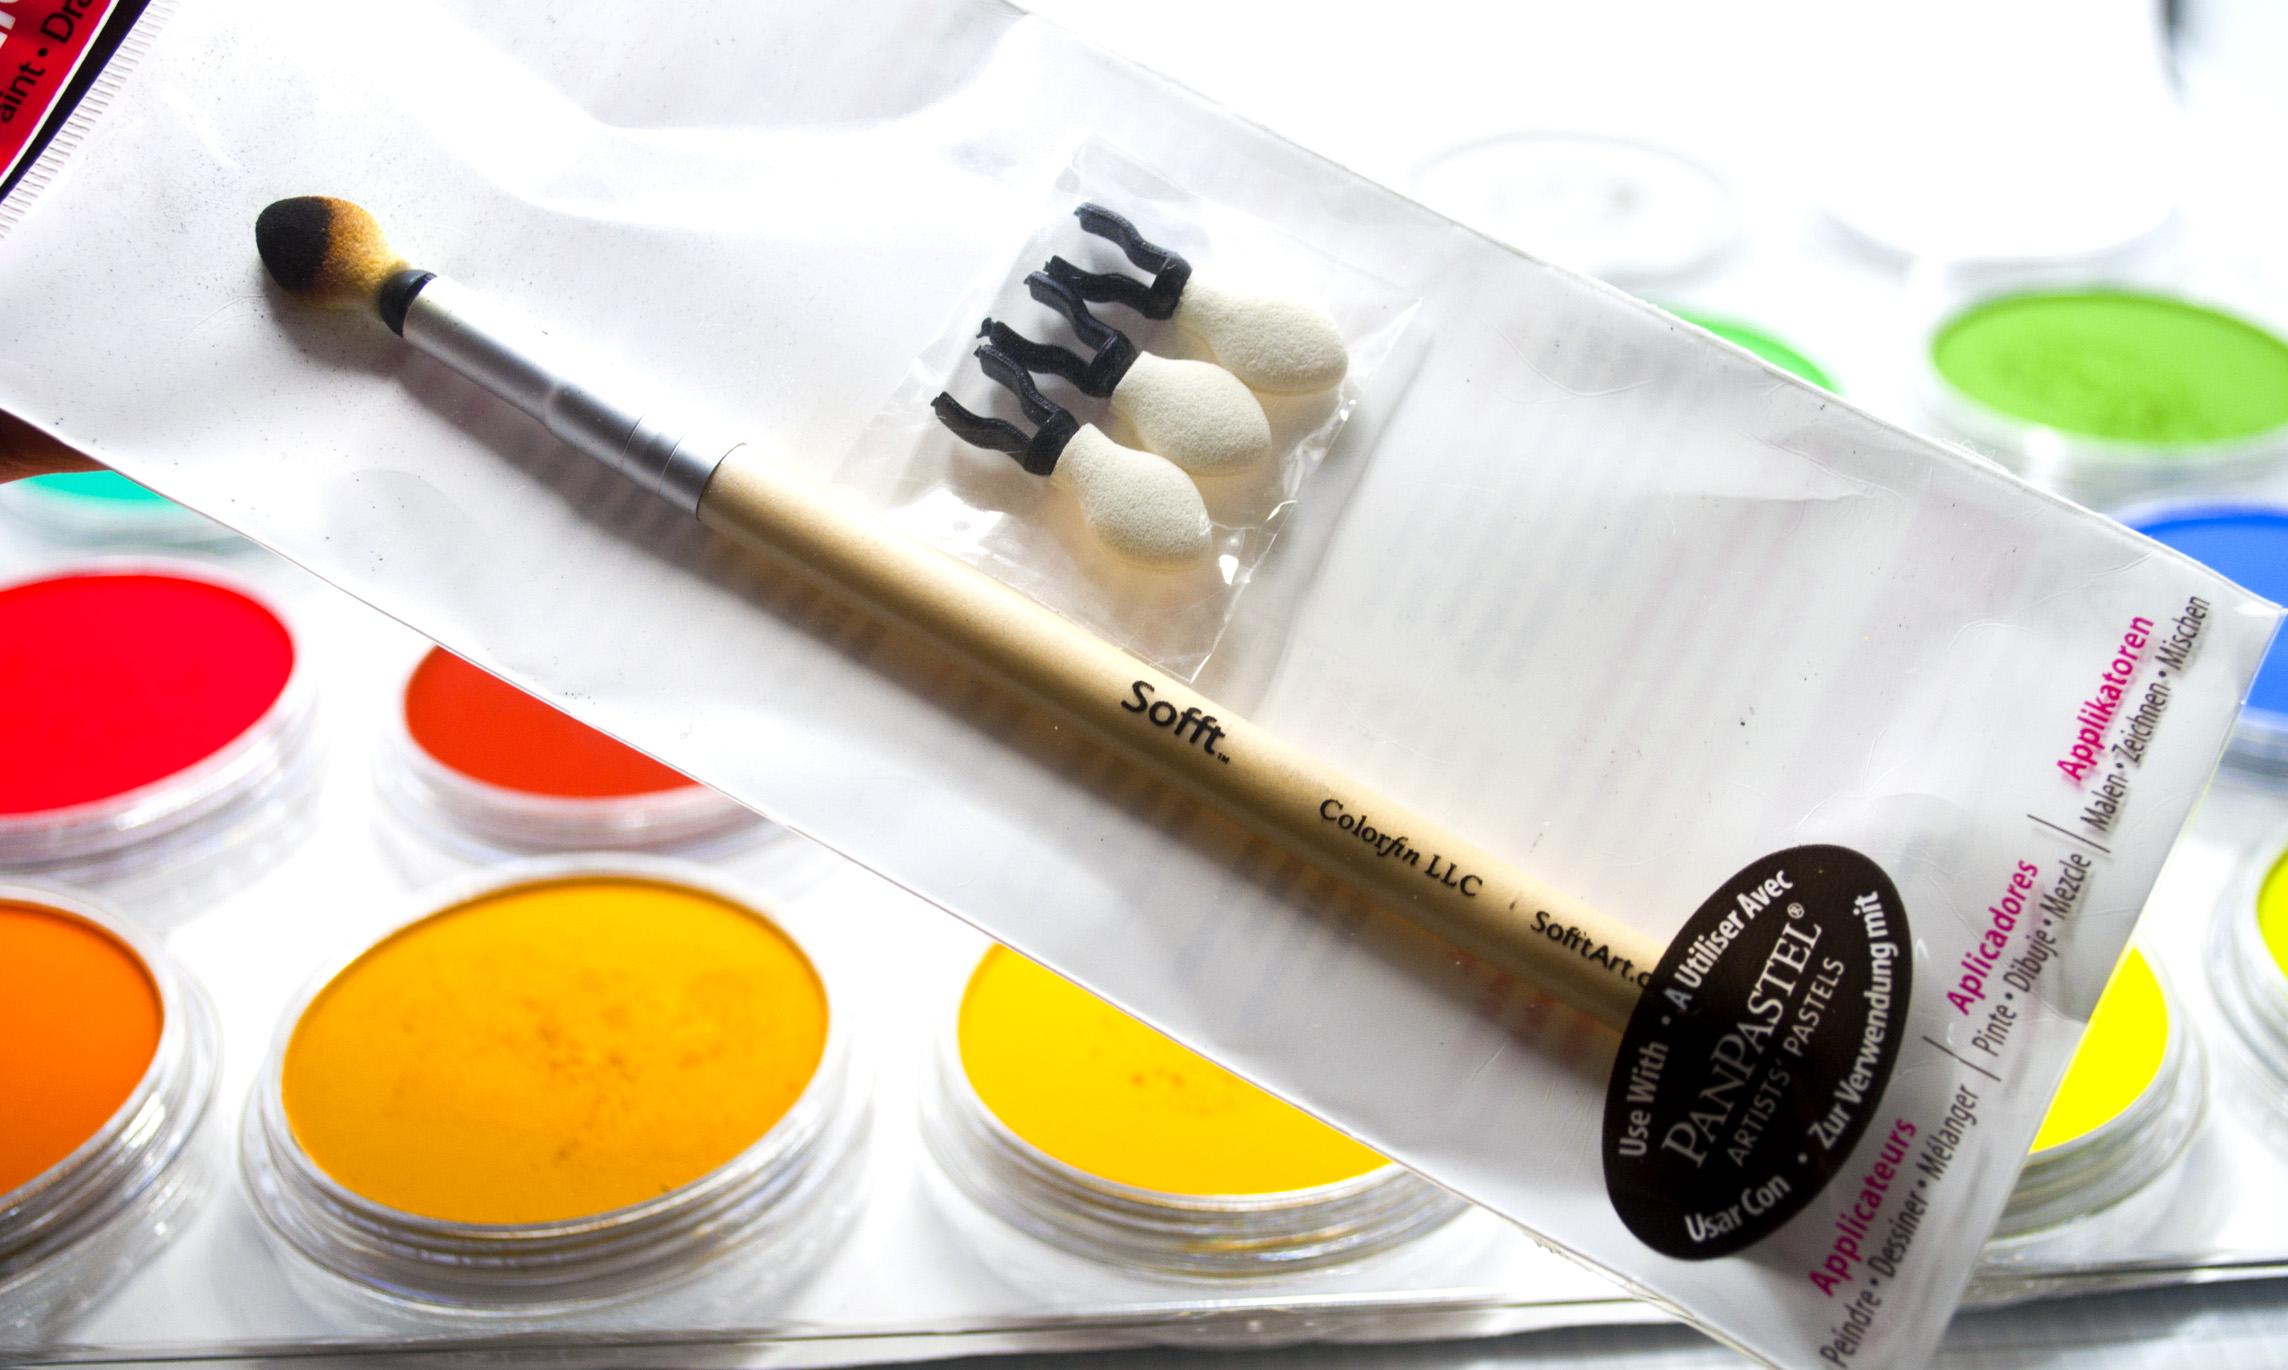 Pan Pastel Stick .jpg